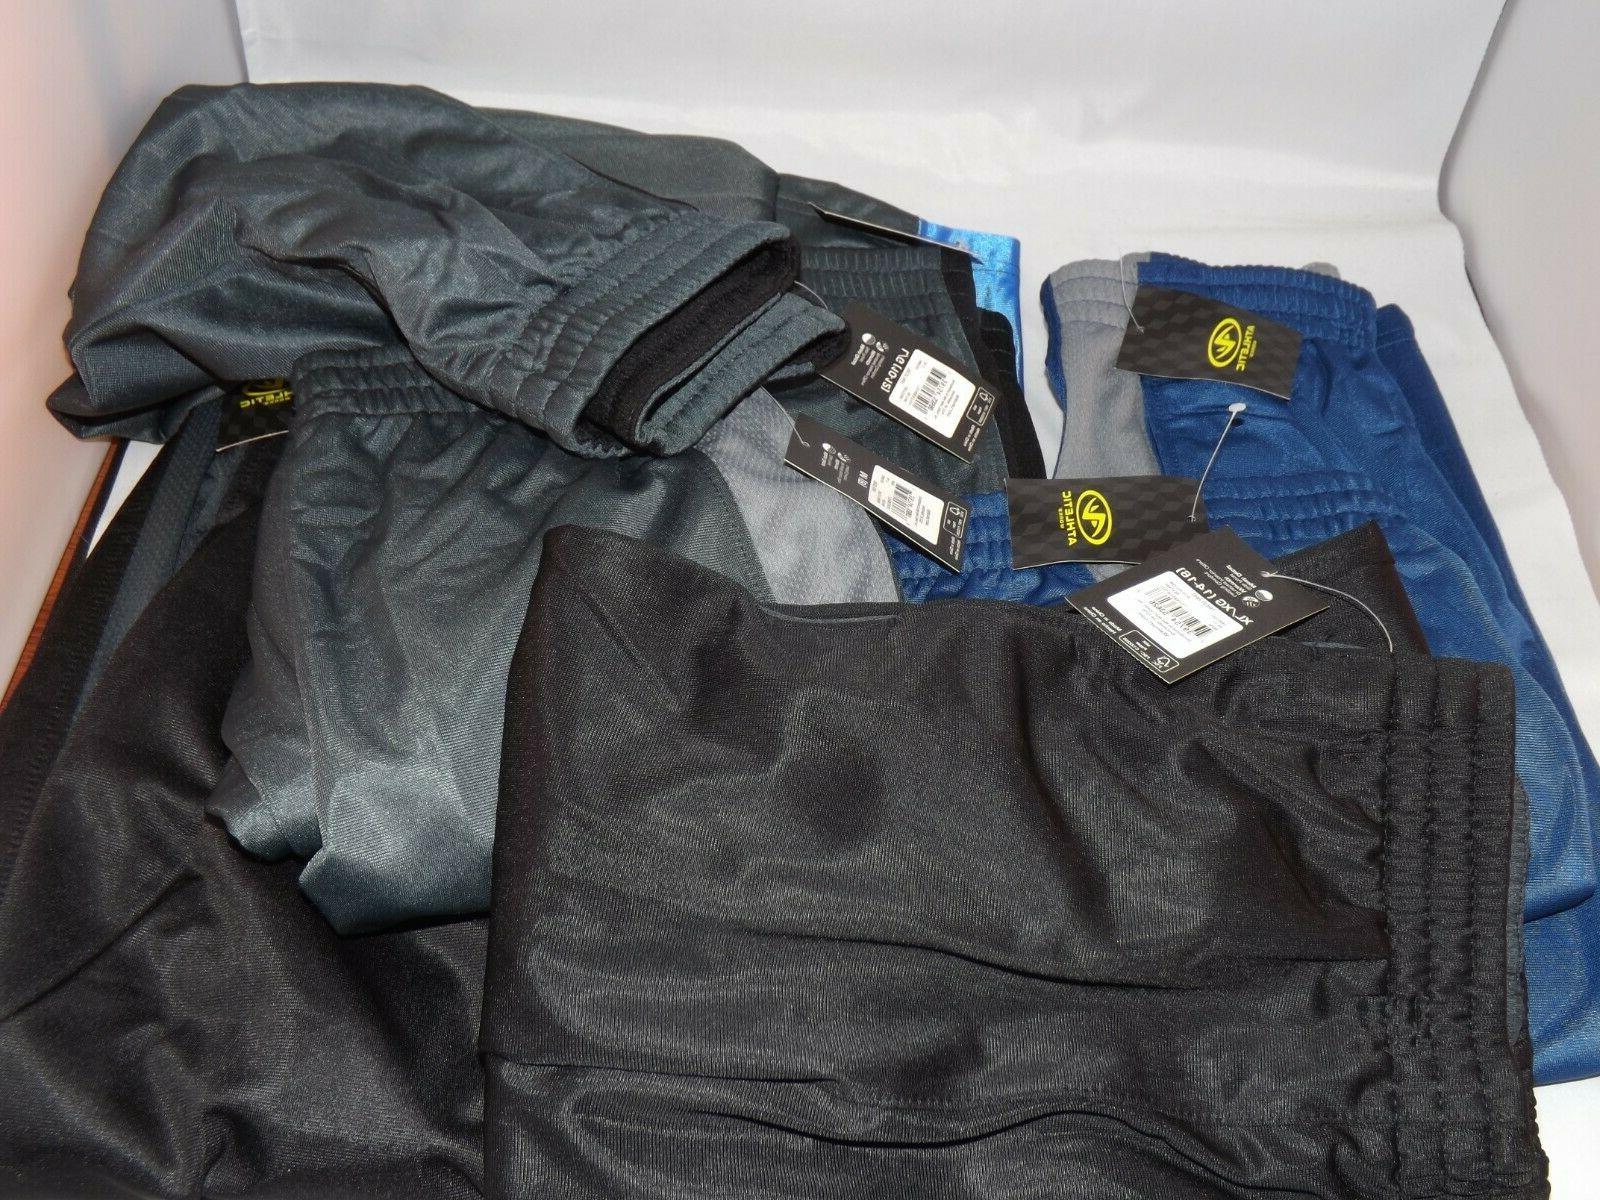 Sweatpants PANTS-Athletic Works-Sizes S/M/L